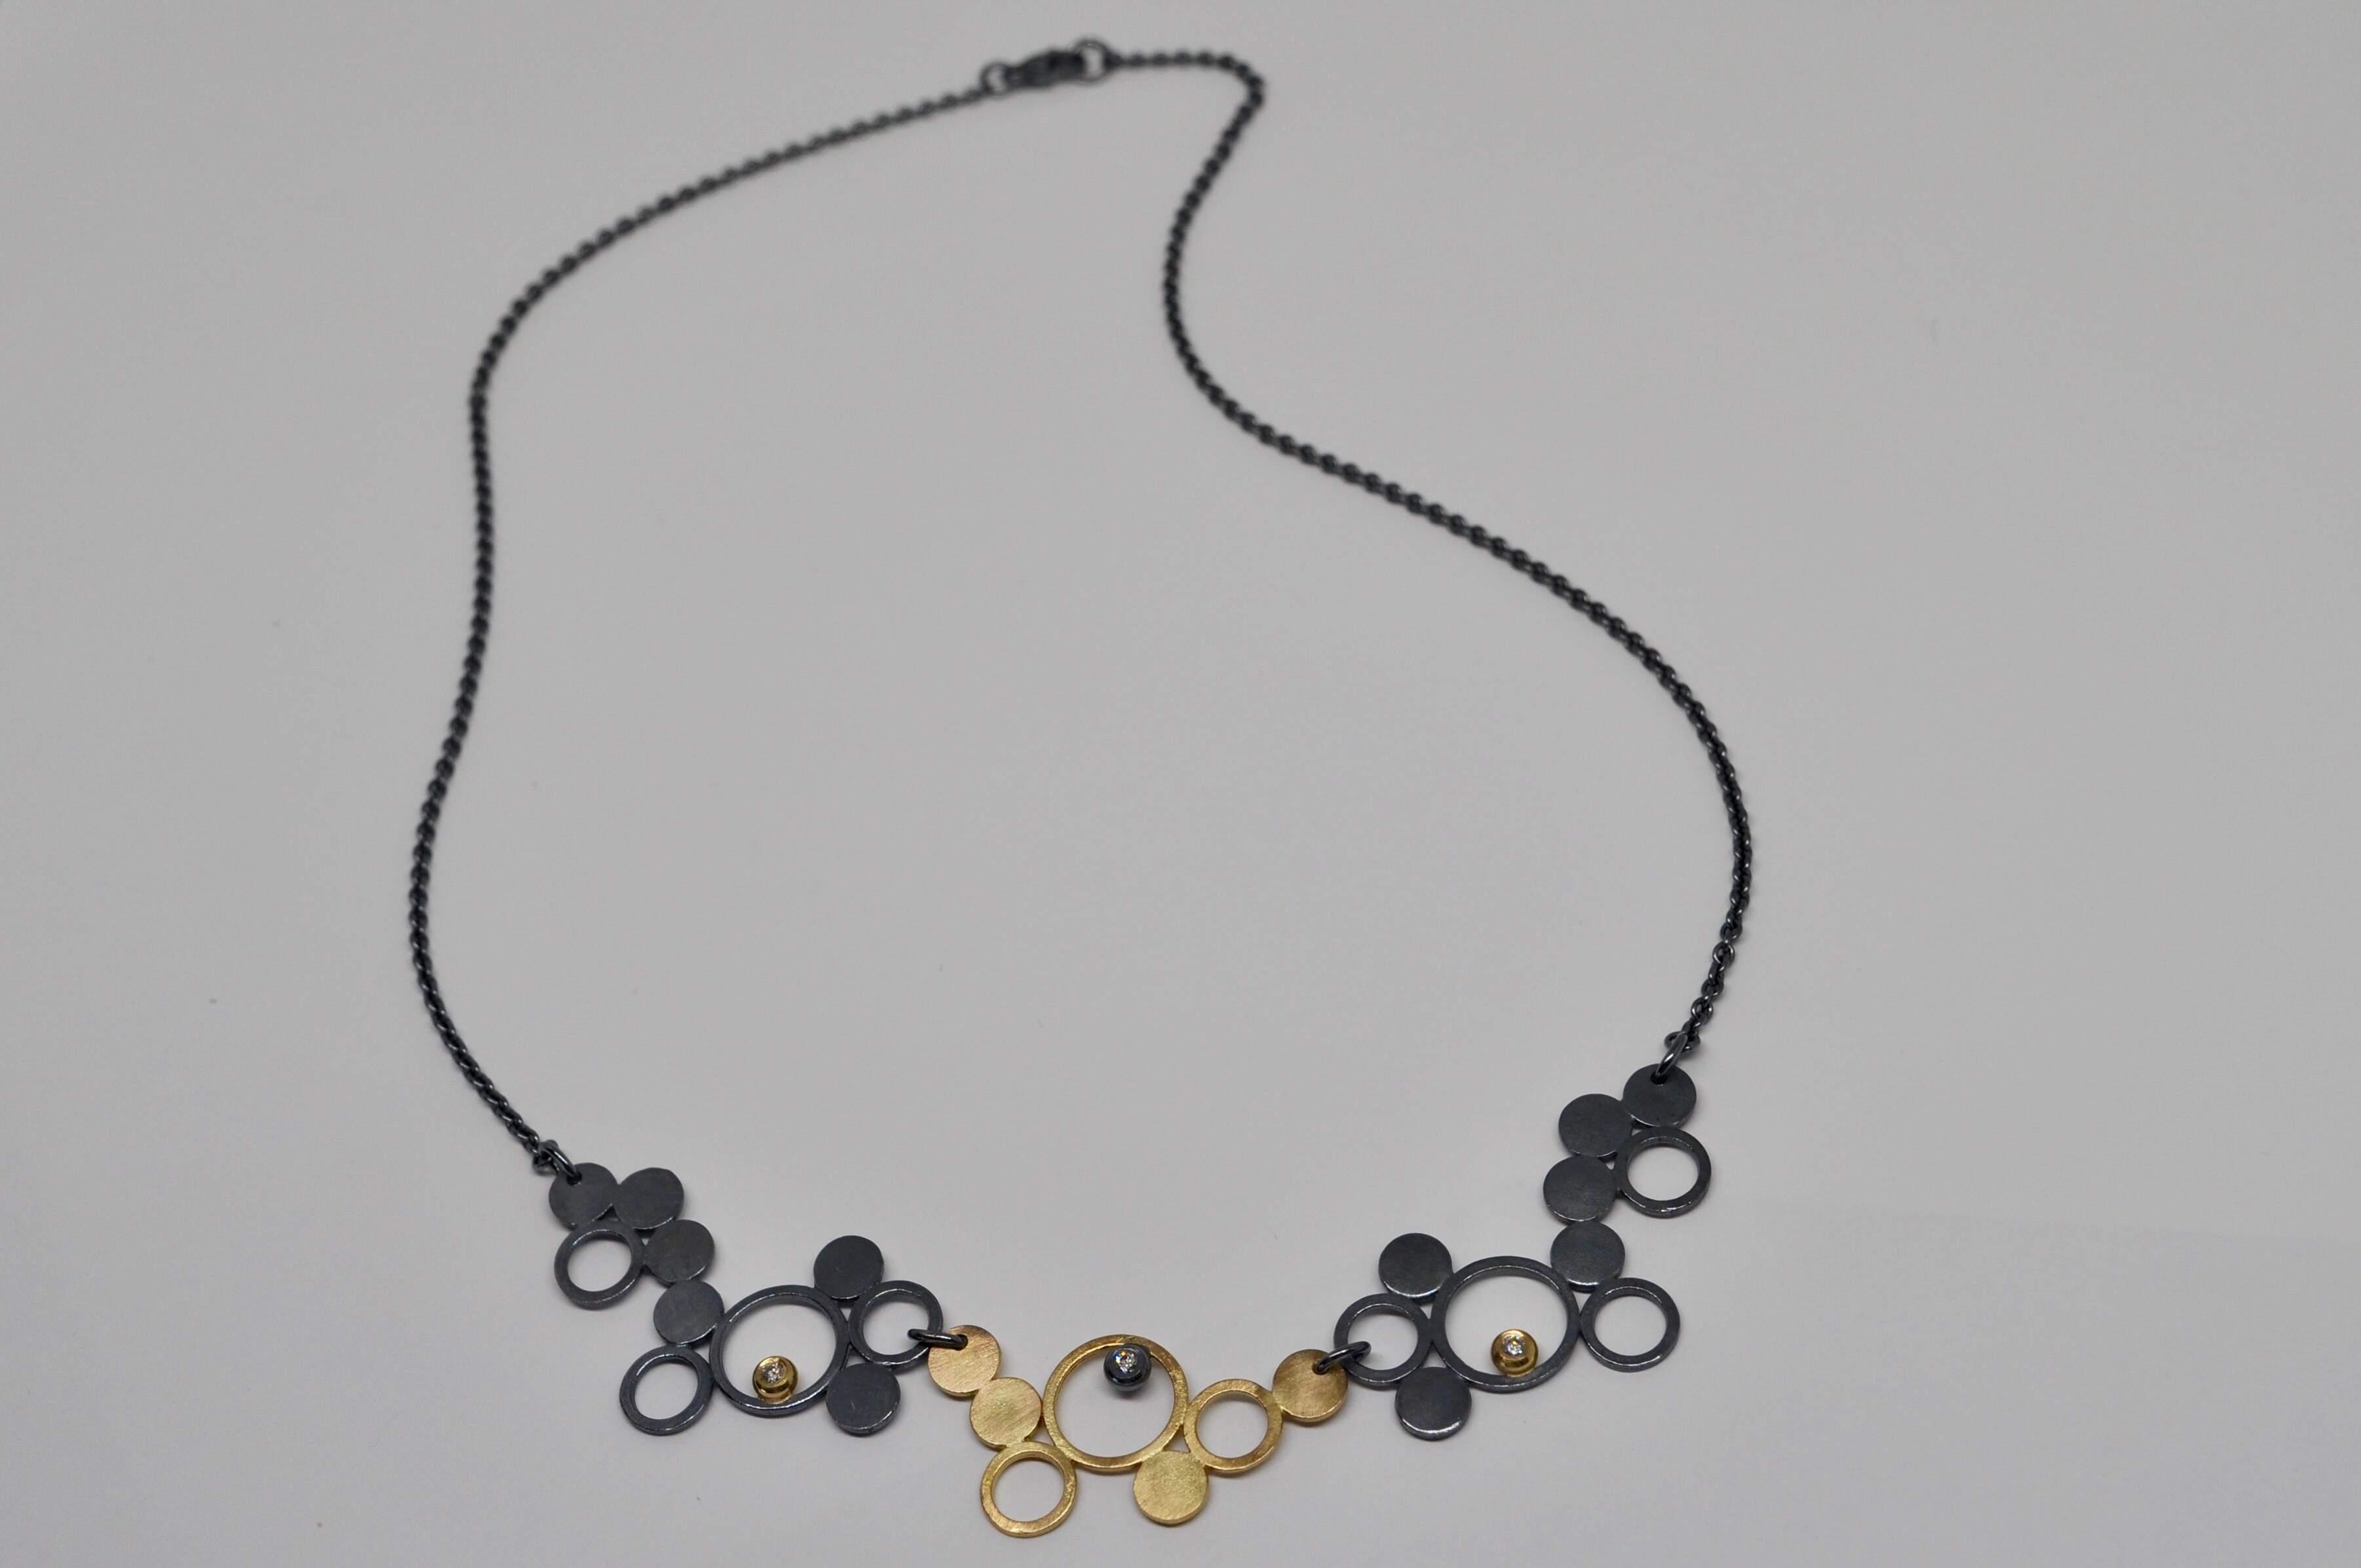 Collier 3 pièces, argent sterling oxydé, or jaune 18 carats, diamants